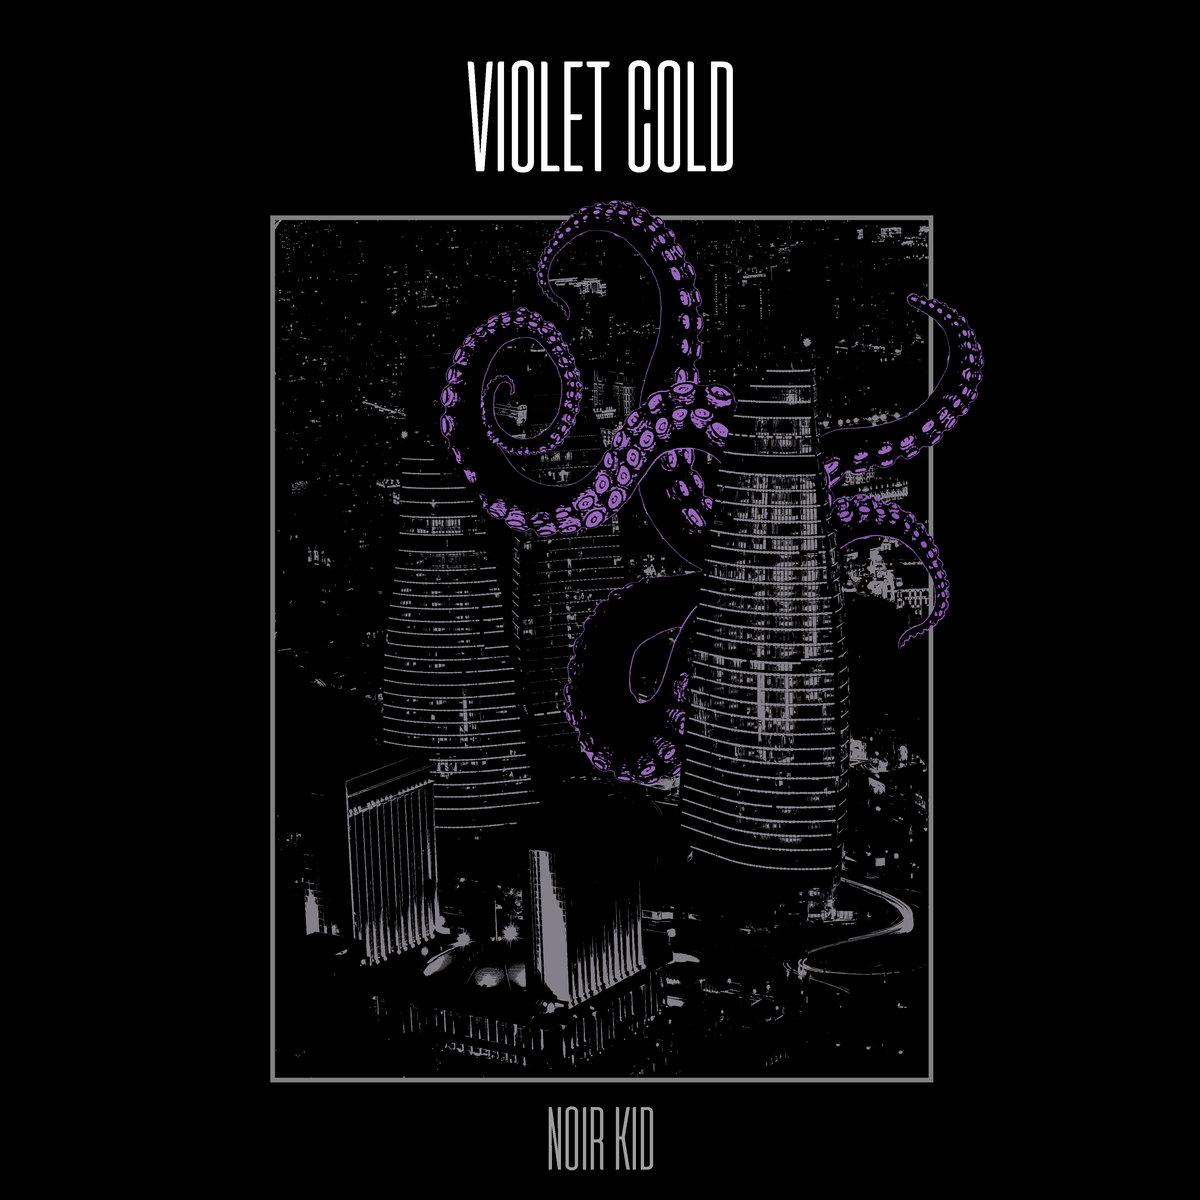 Violet Cold: Noir Kid